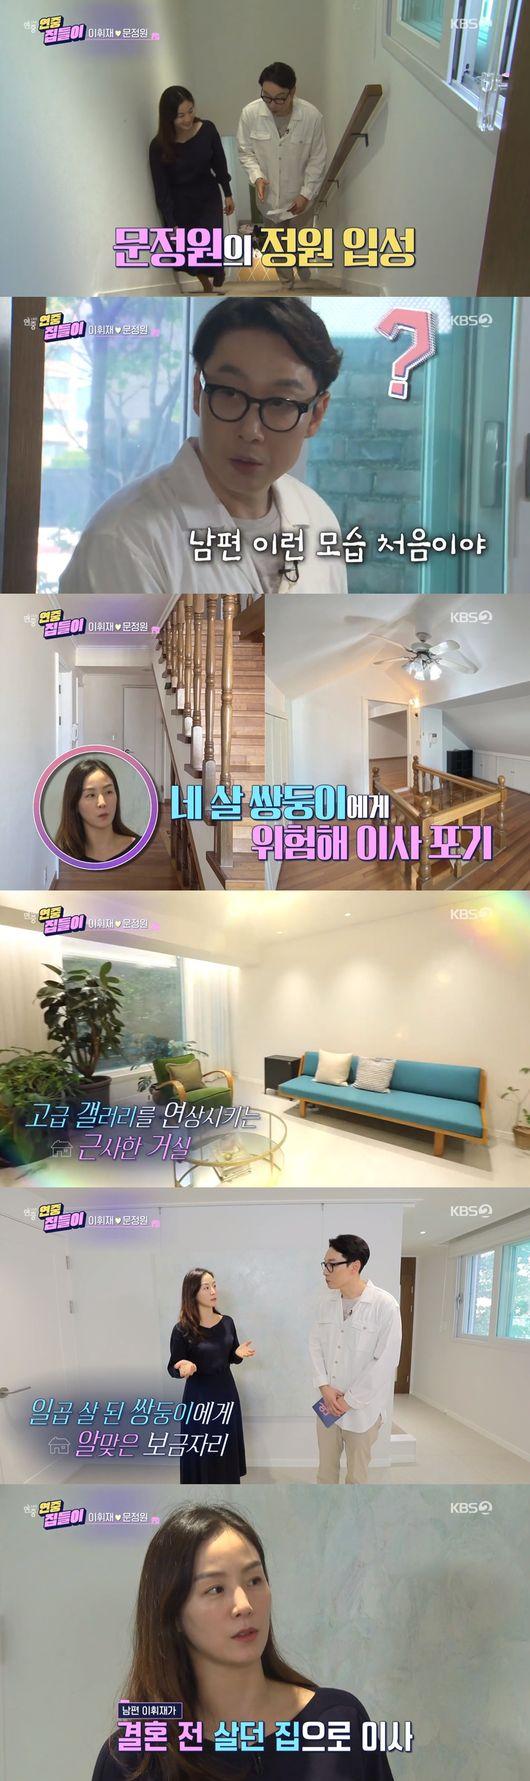 연중라이브 이휘재♥문정원, 갤러리 연상케 하는 빌라 공개…남편, 총각 때 살던 집 [종합]